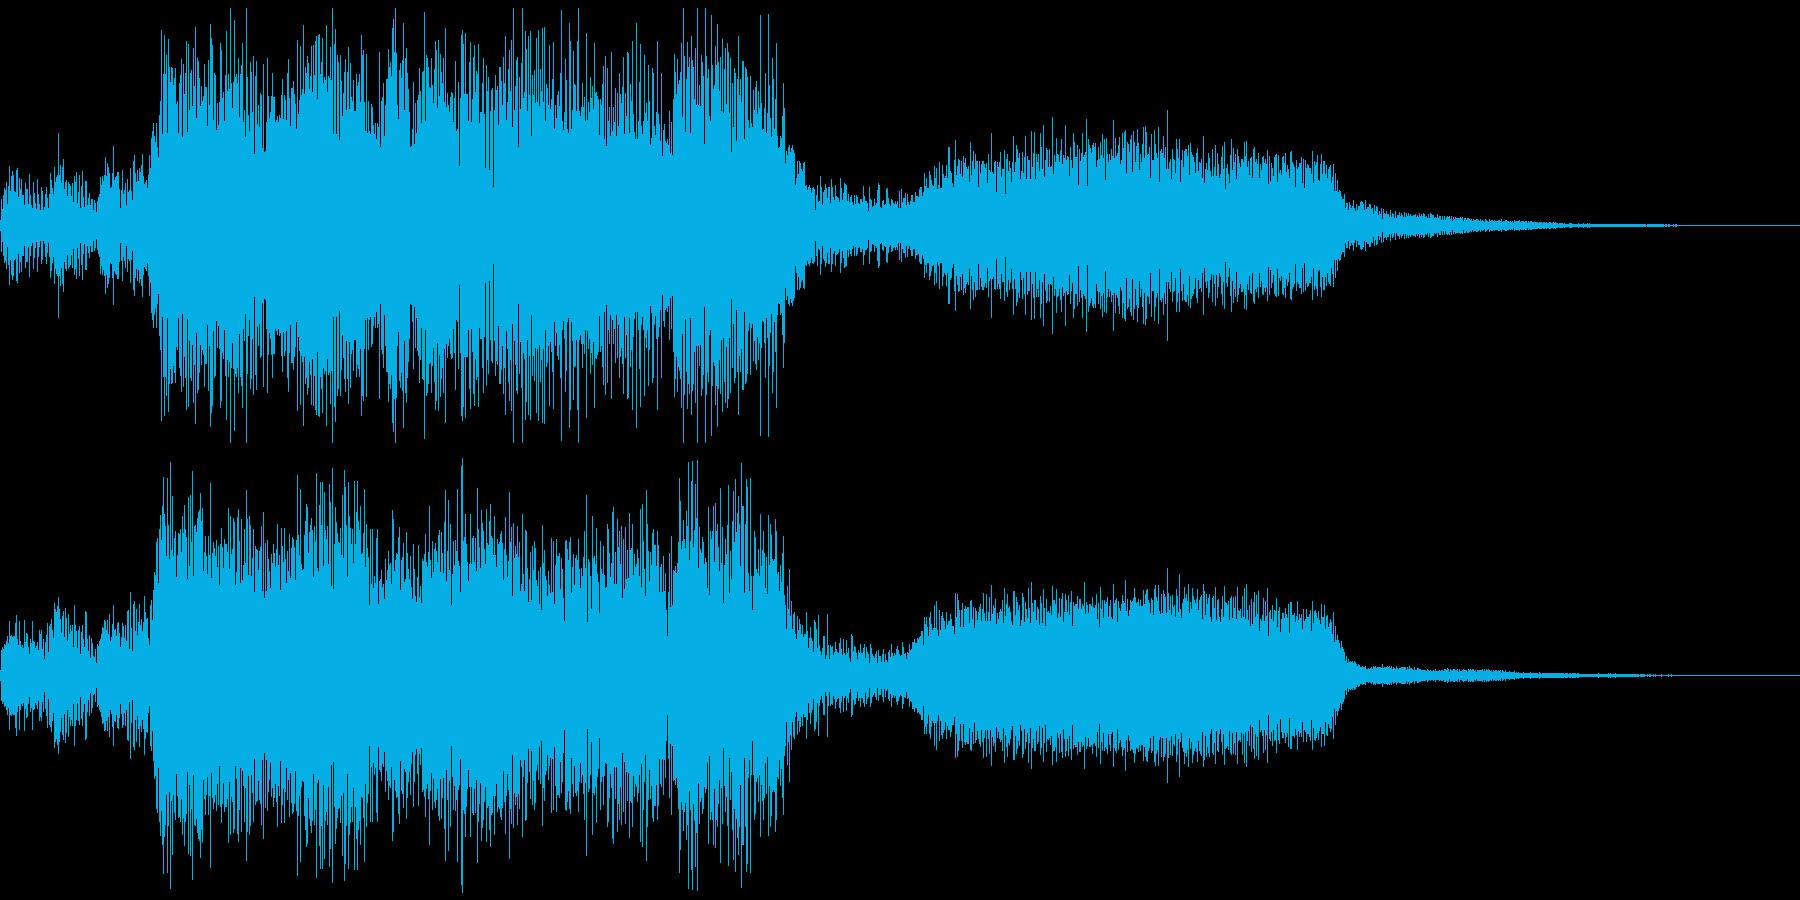 ファンタジーで魔法的なジングルの再生済みの波形